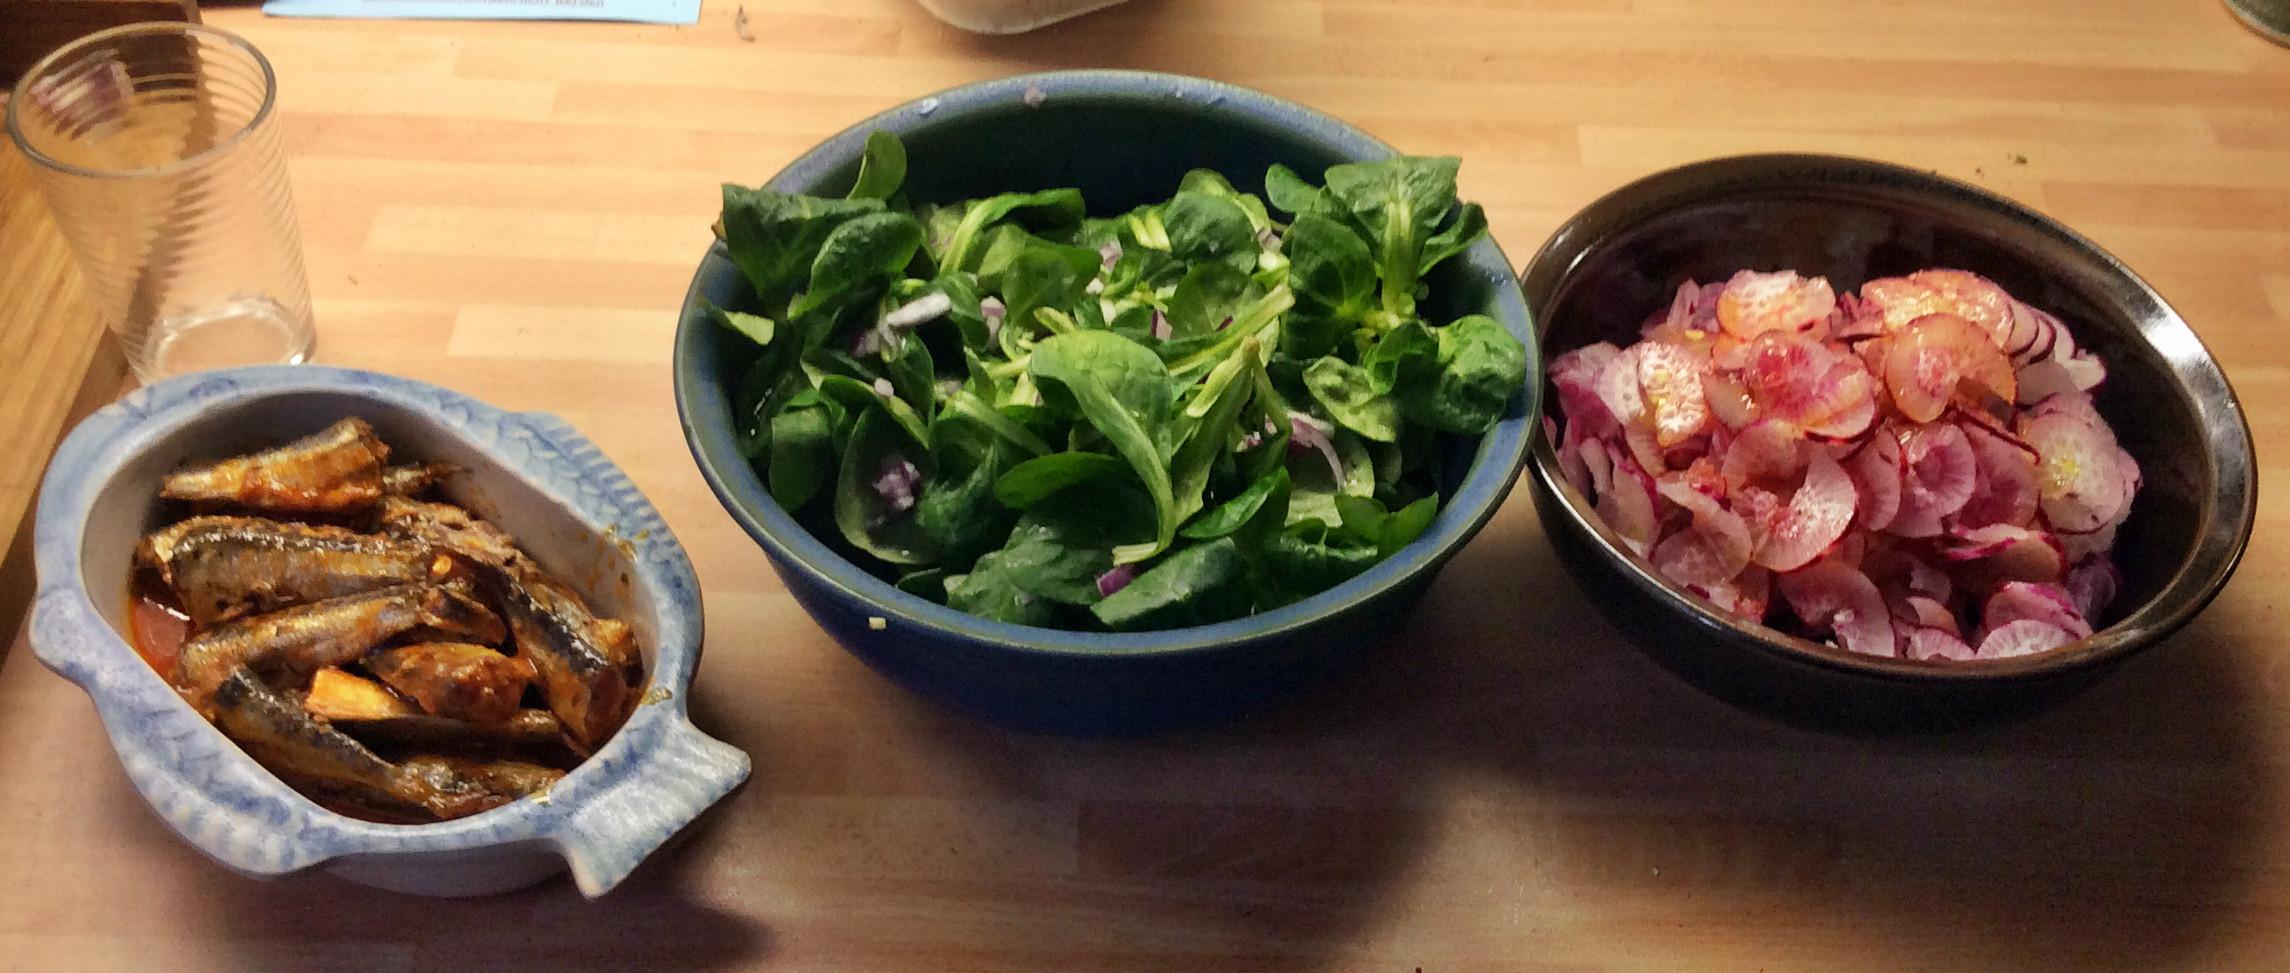 Sardinen,Salate,Kartoffeln,26.10.15   (4)